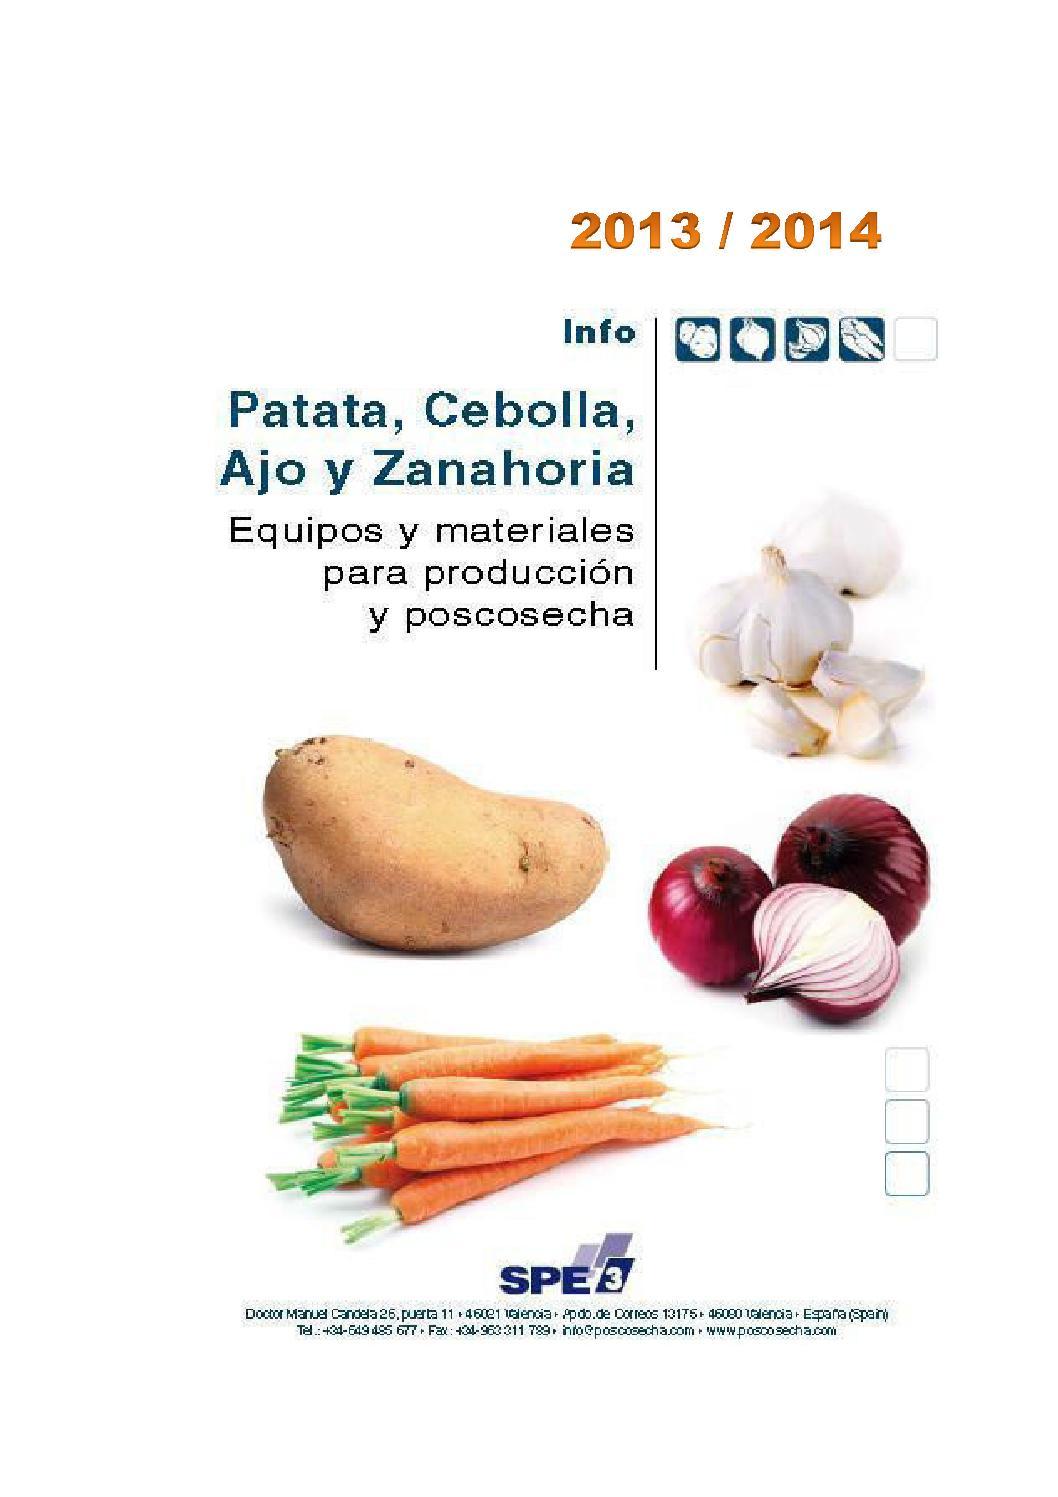 Patata cebolla ajo y zanahoria 2013 2014 serie infos for Maquinaria y utensilios para la produccion culinaria